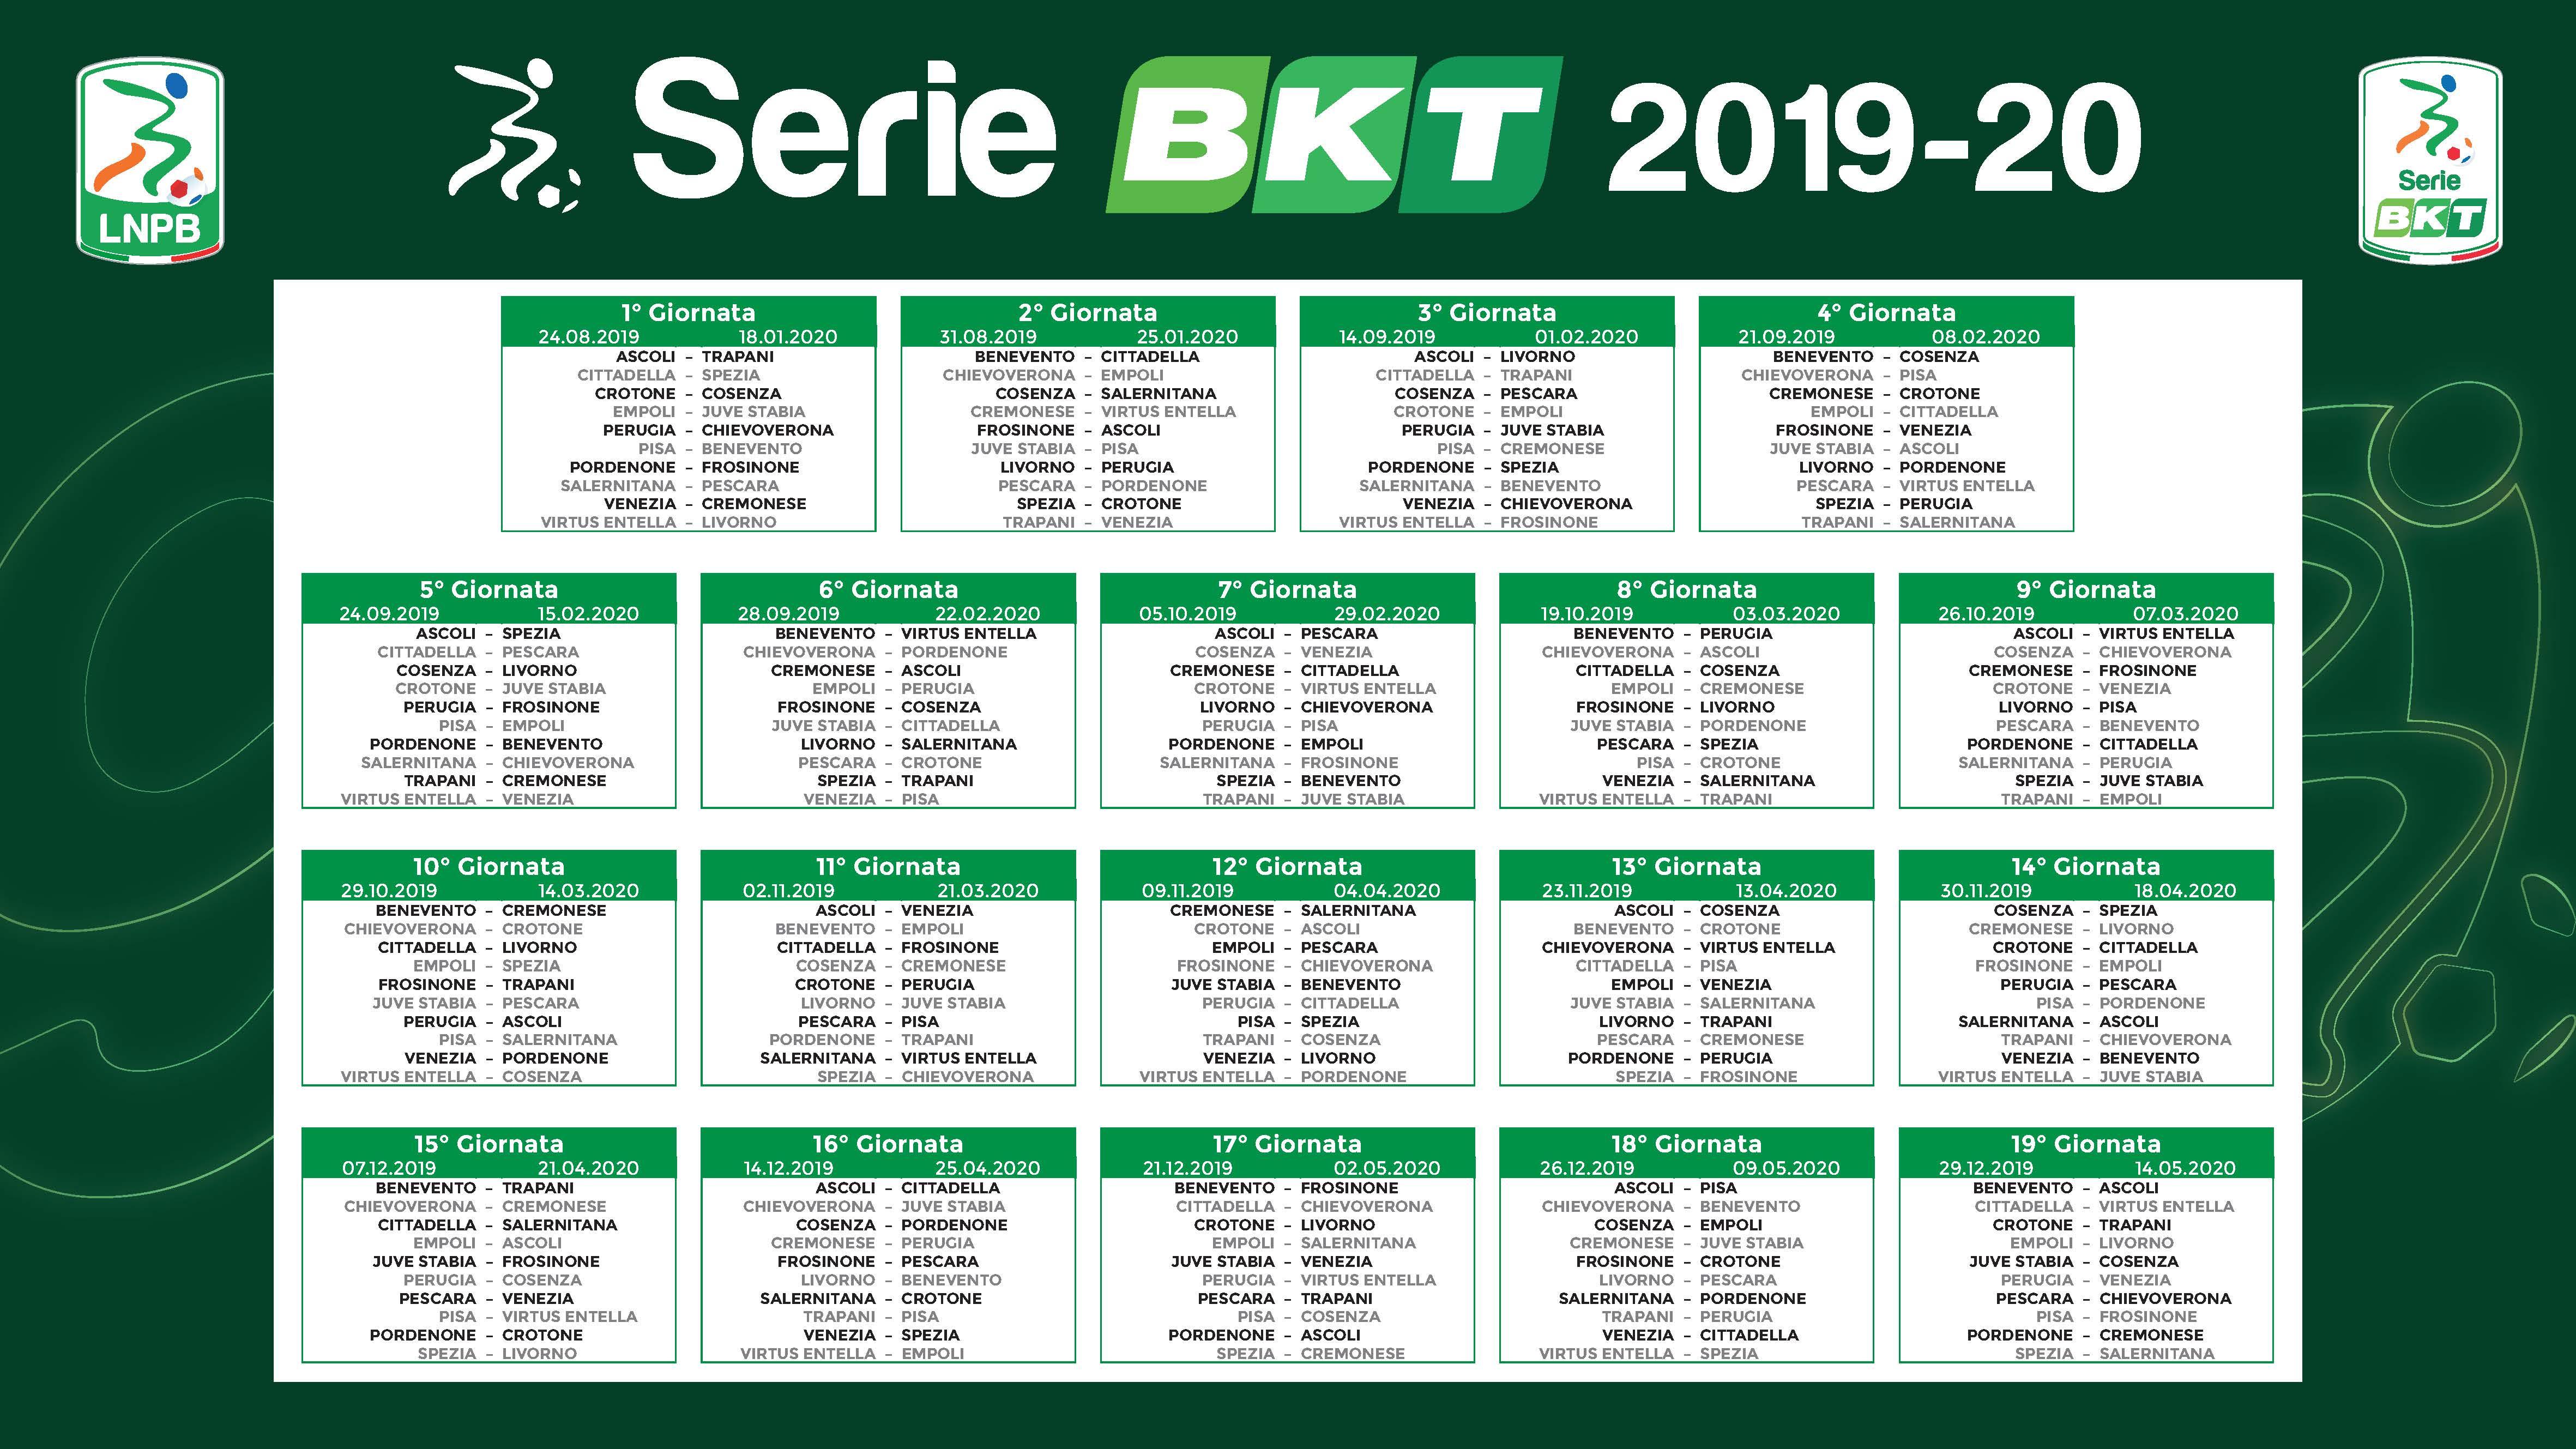 Yves Rocher Calendario Avvento 2020.Calendario Serie B Perugia Calendario 2020